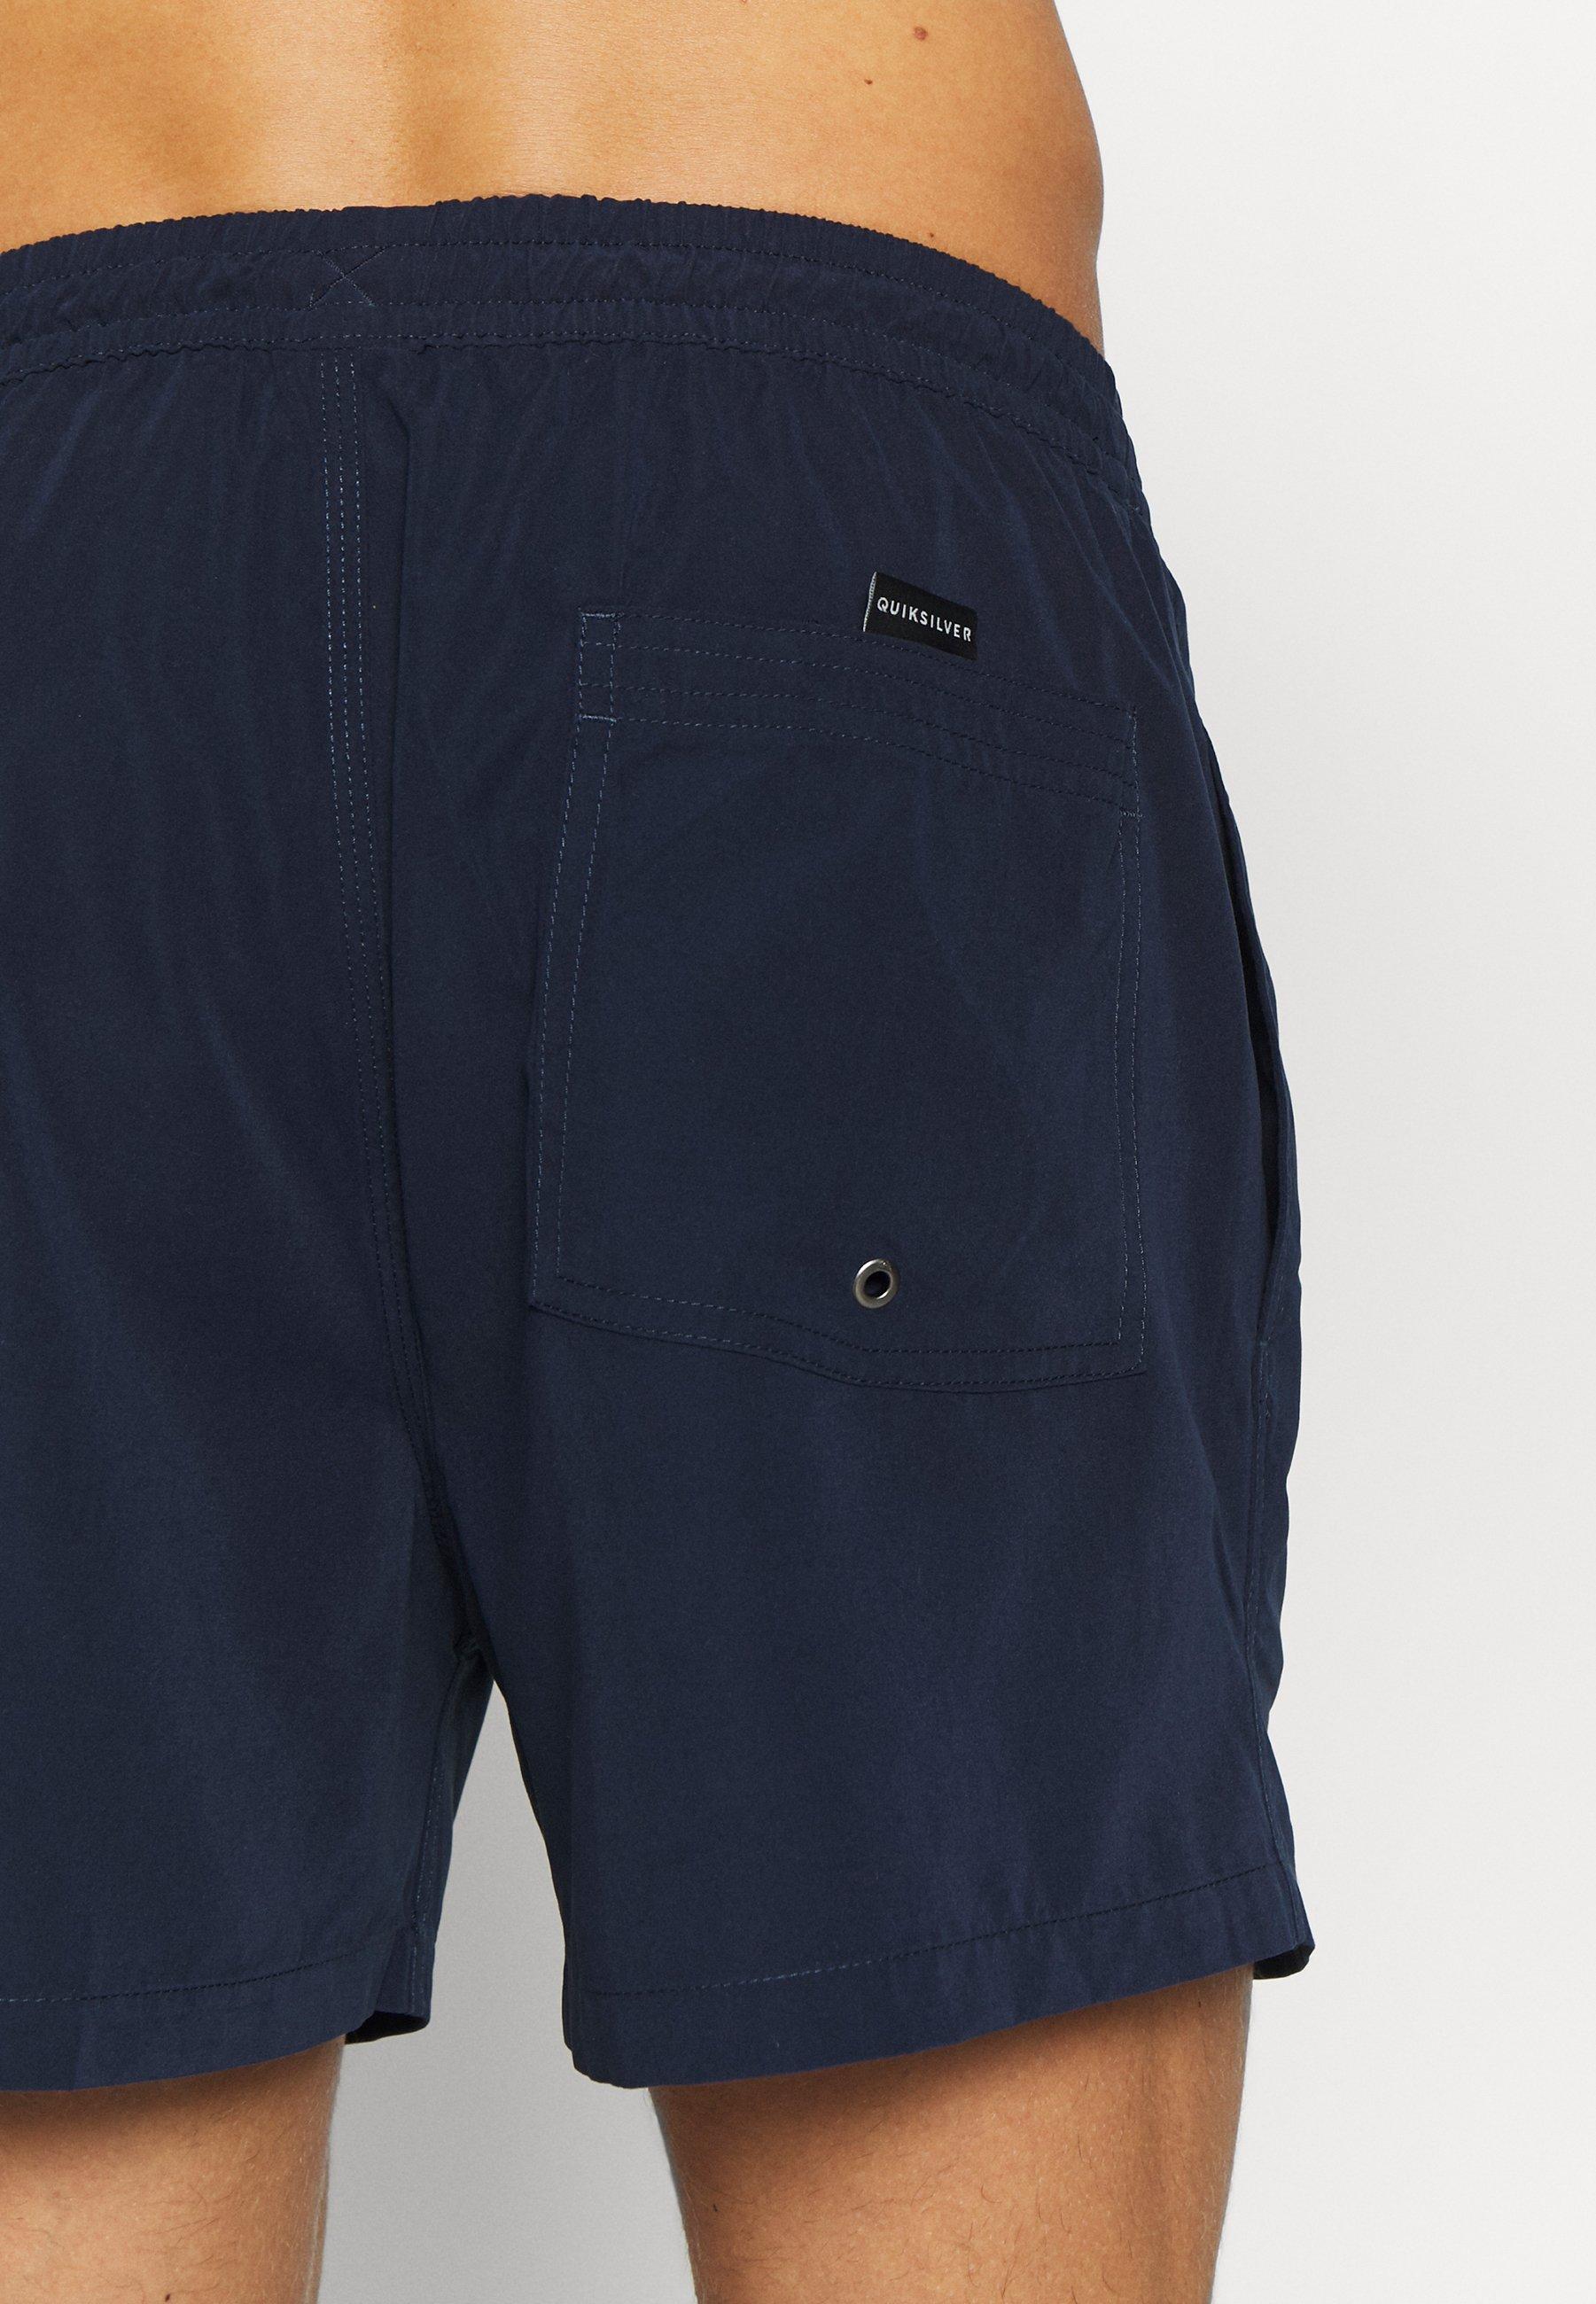 Quiksilver EVERYDAY VOLLEY - Szorty kąpielowe - navy blazer - Odzież męska 2020